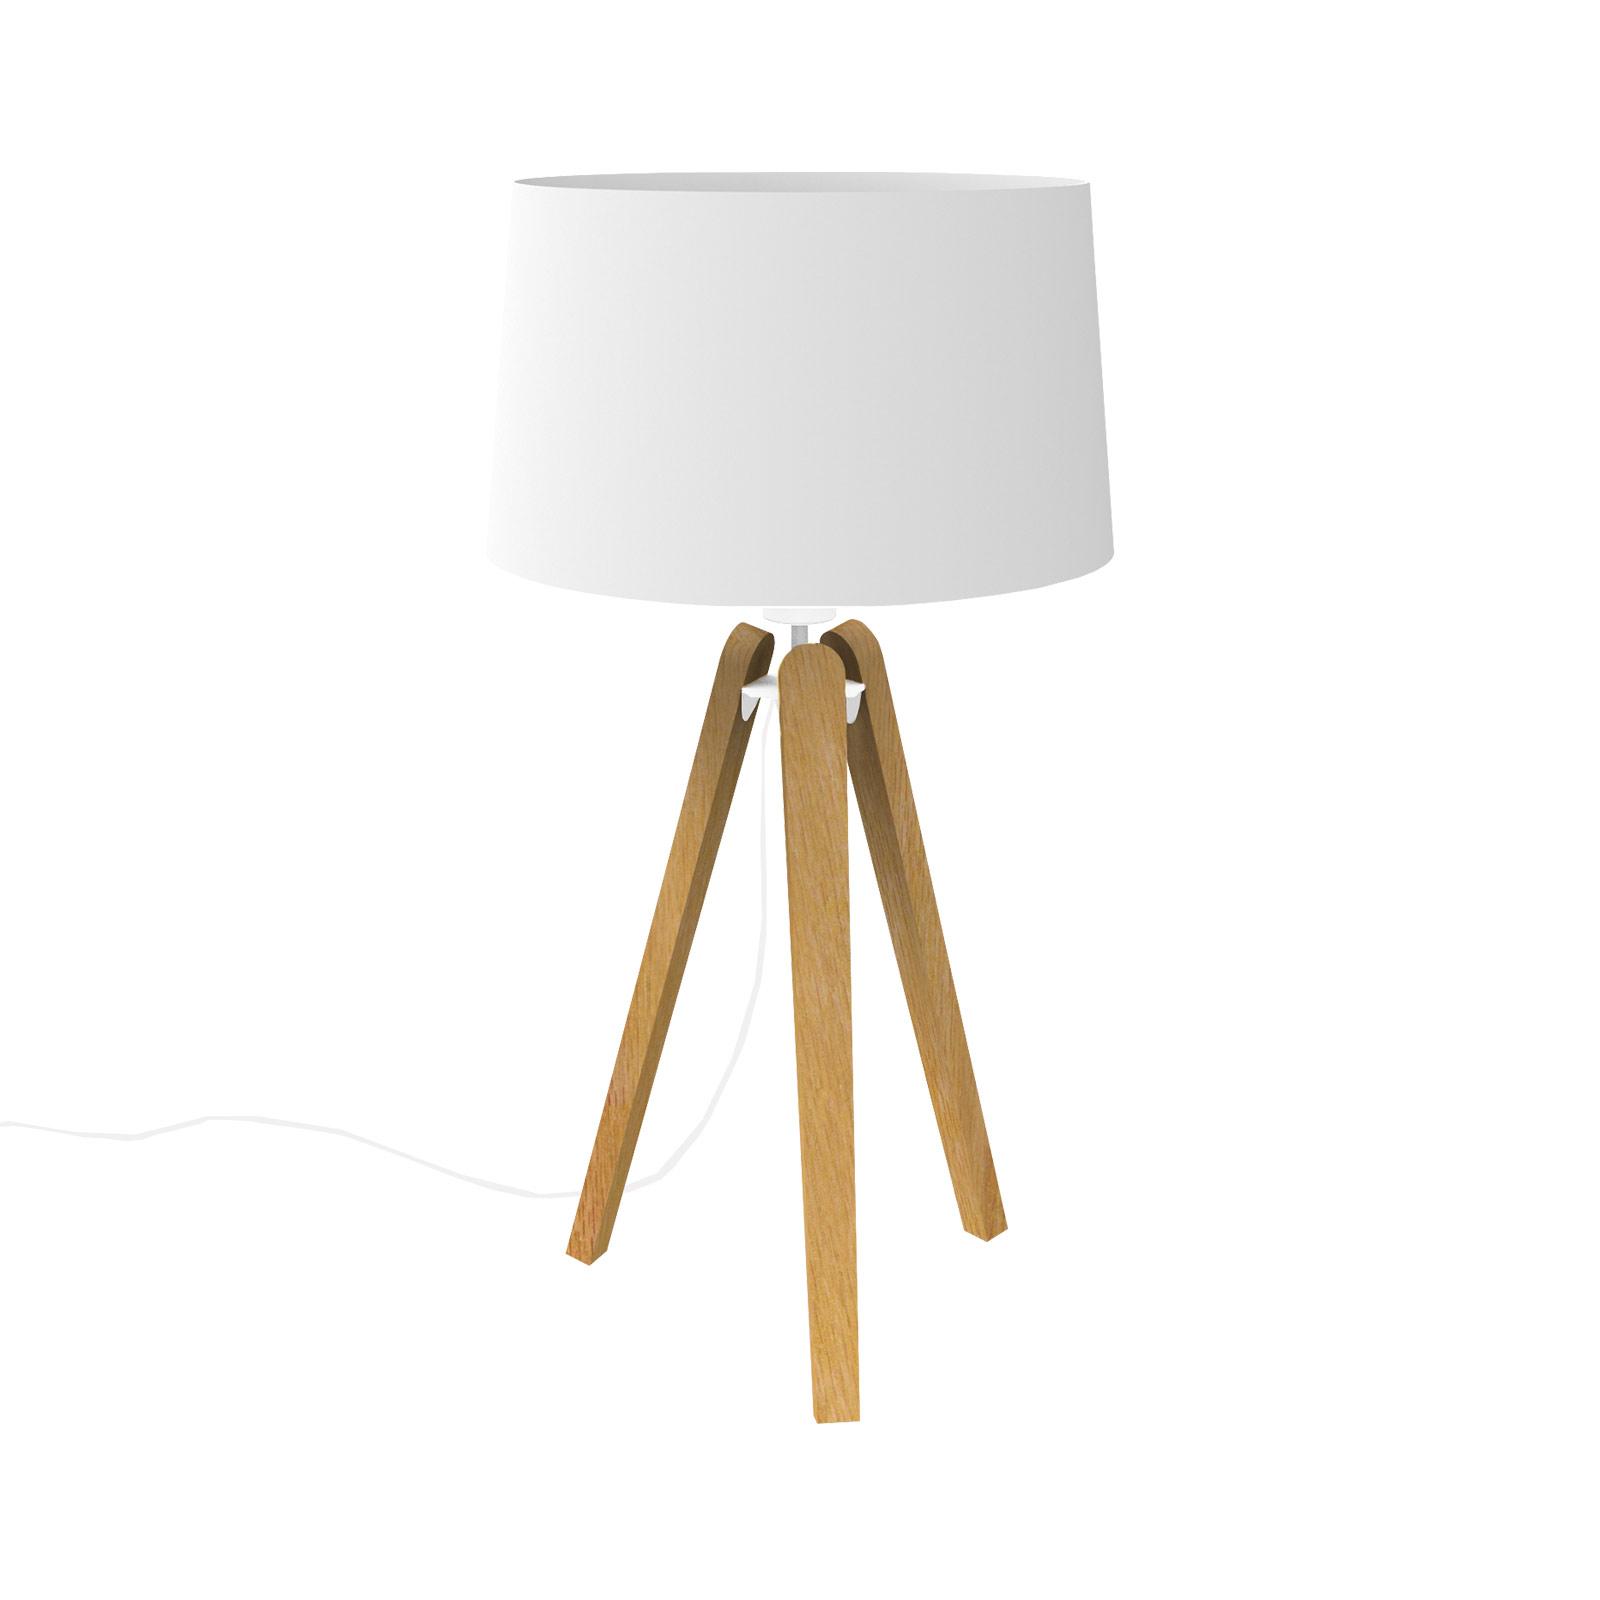 Essence LT bordlampe i træ og tekstil, hvid